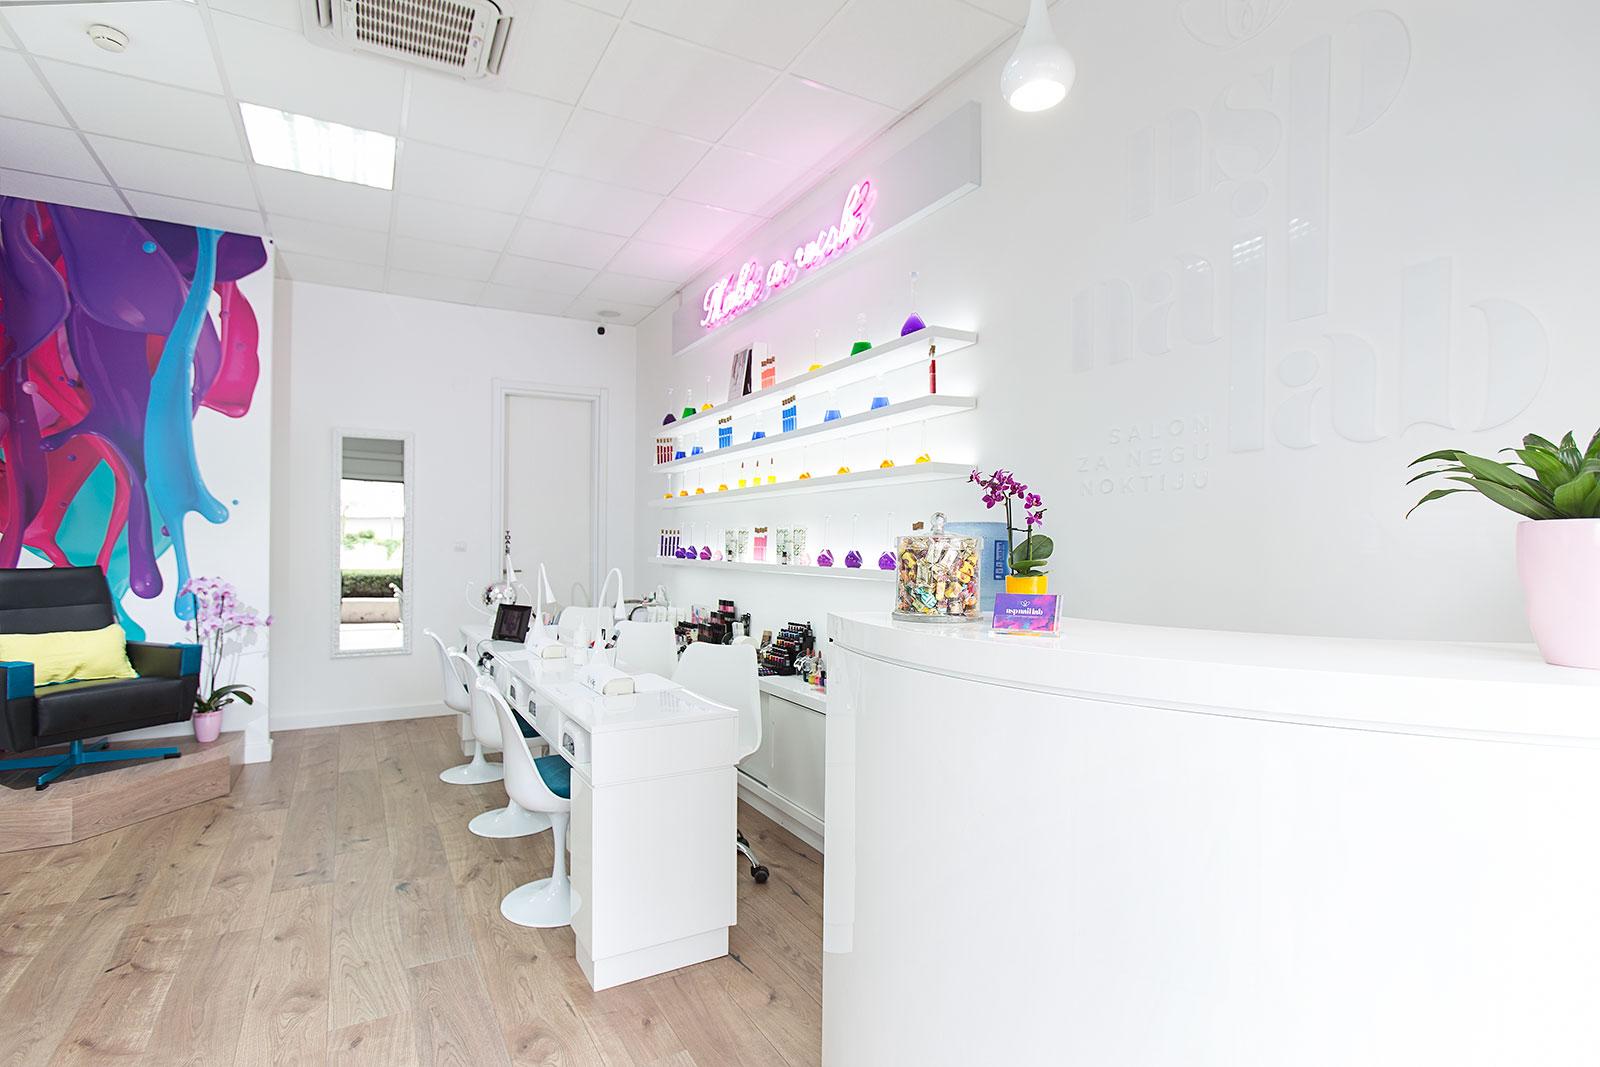 nsp, nsp nail lab, prima kozmetika, mirko nahmijas, pecatipotpis, pecat i potpis